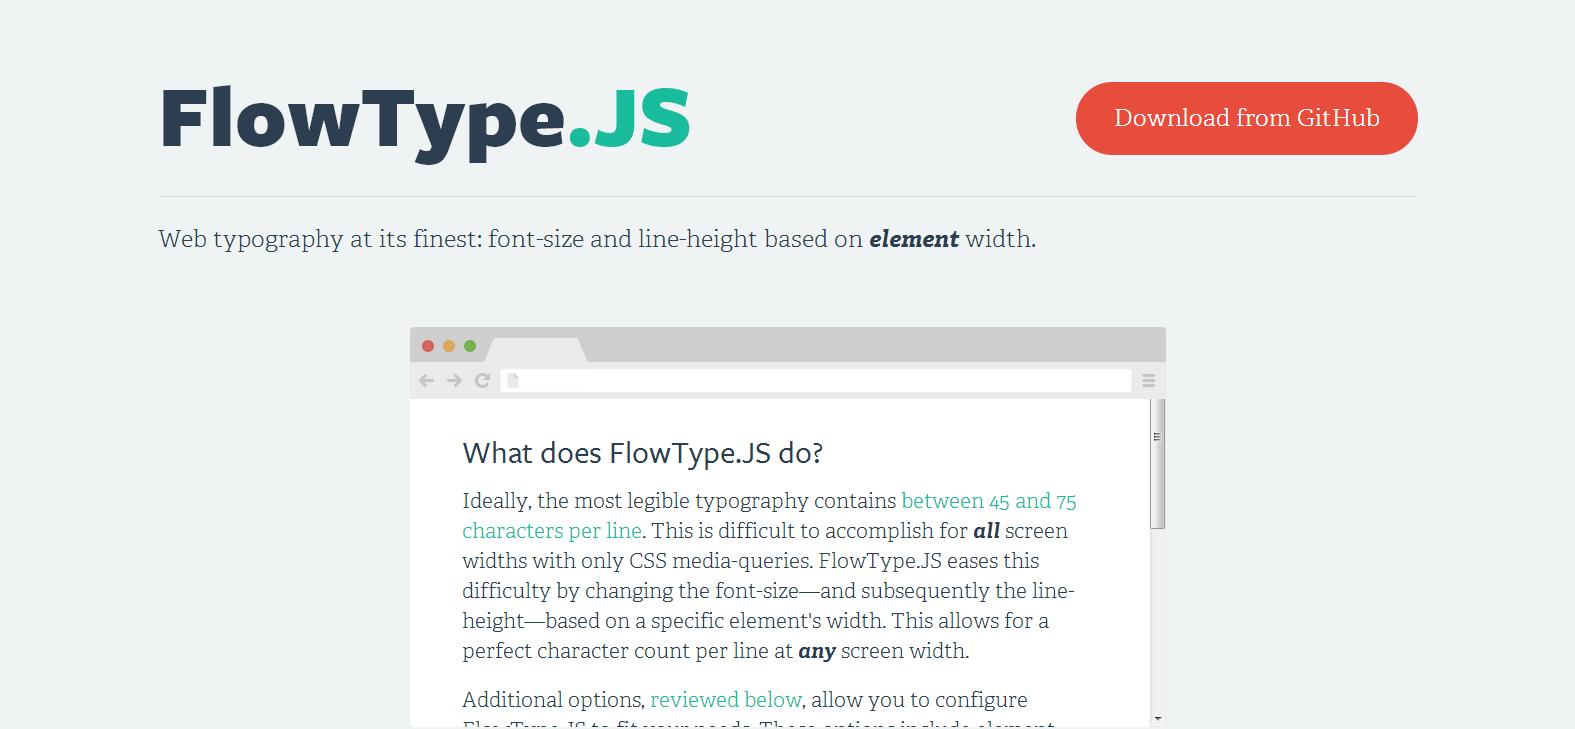 FlowType.JS.